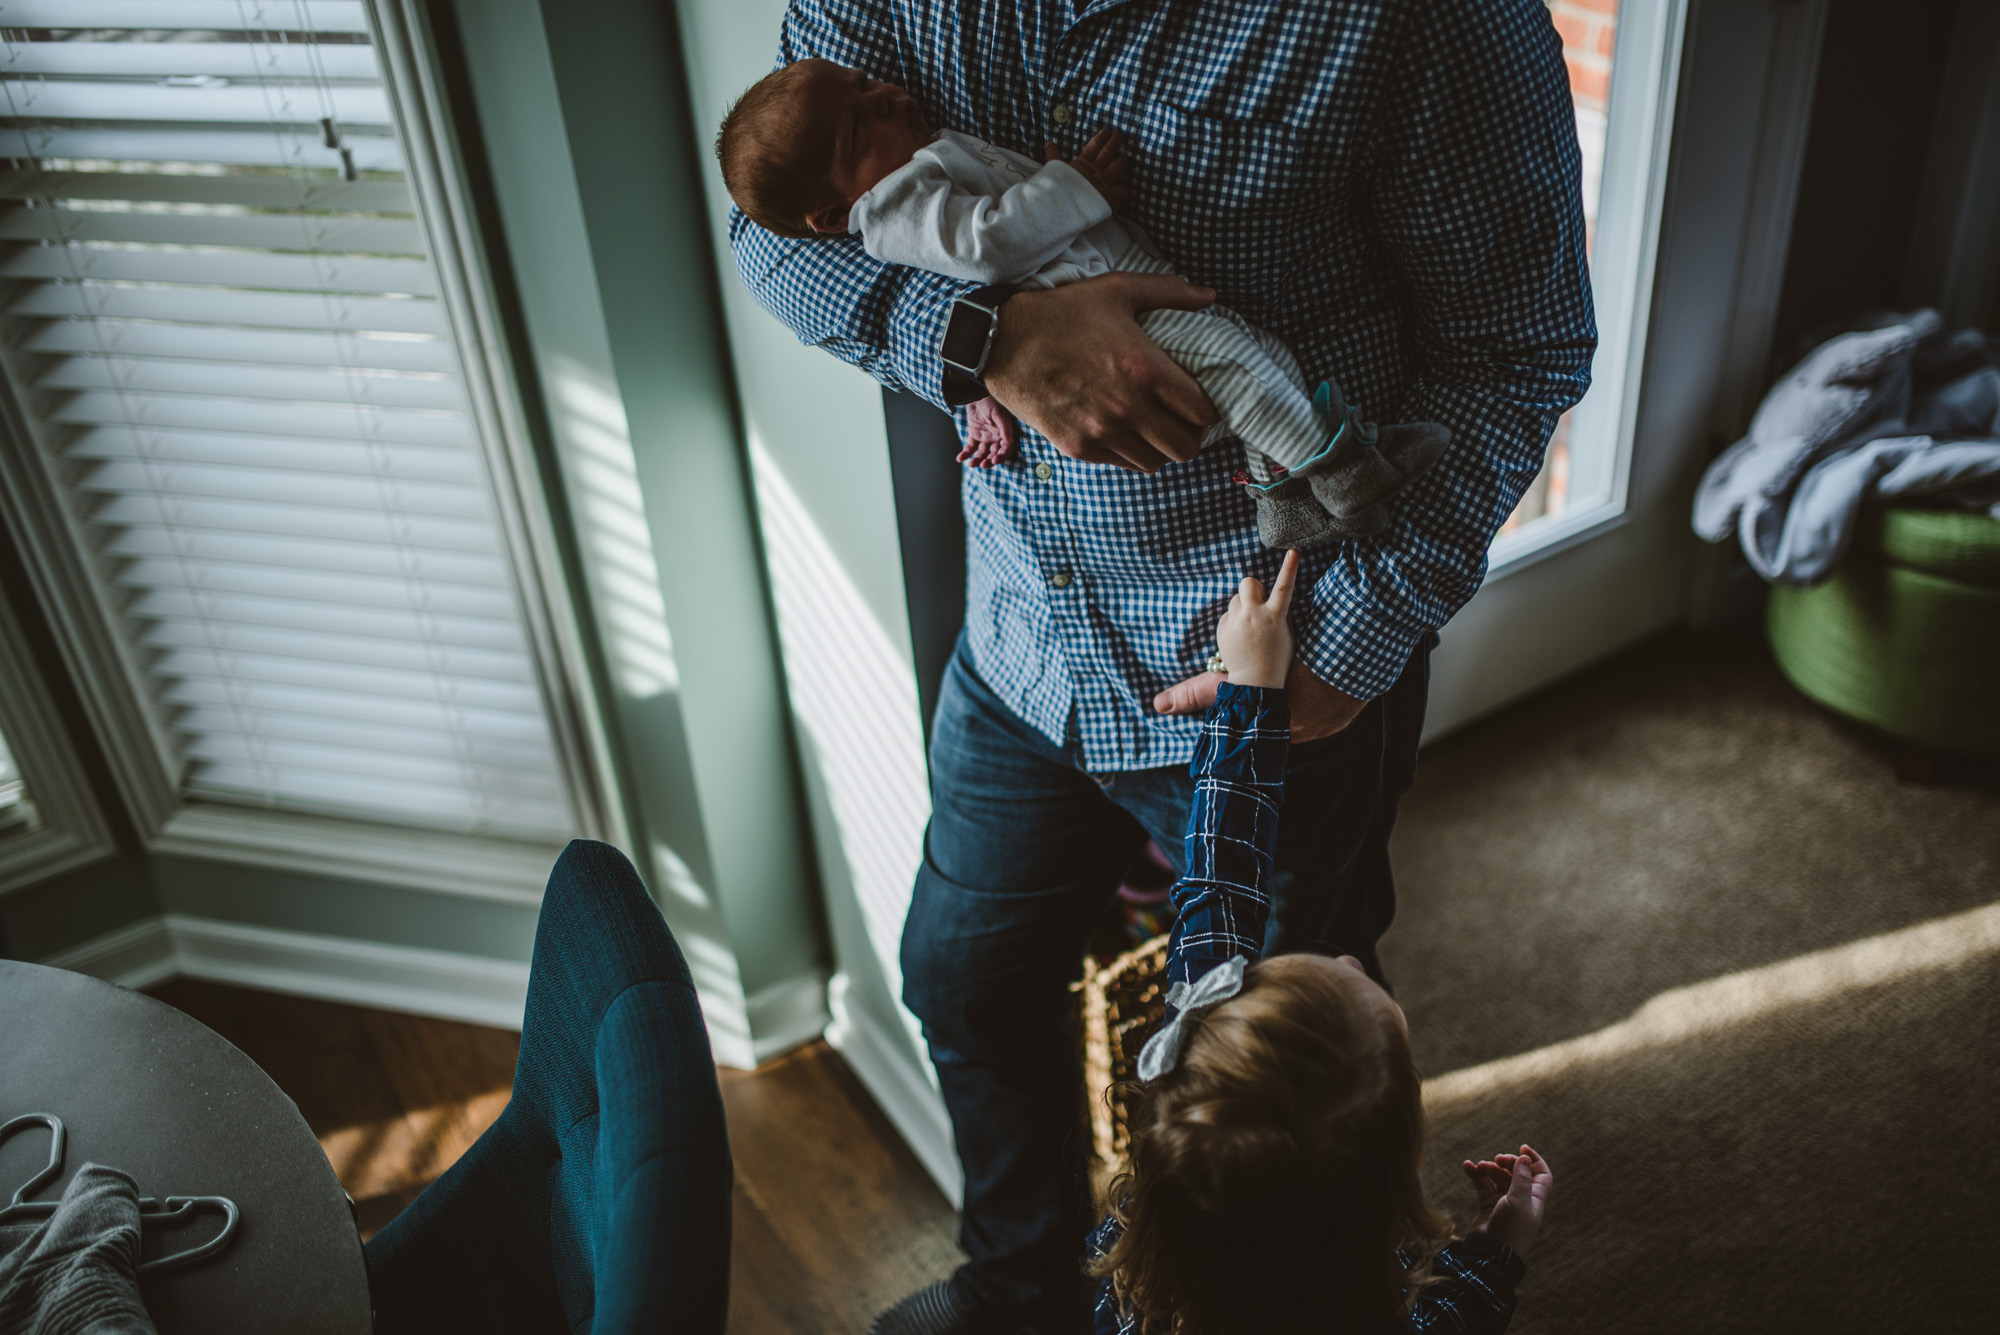 Columbus Ohio Photographer - Lifestyle Newborn Photography - Erika Venci Photography